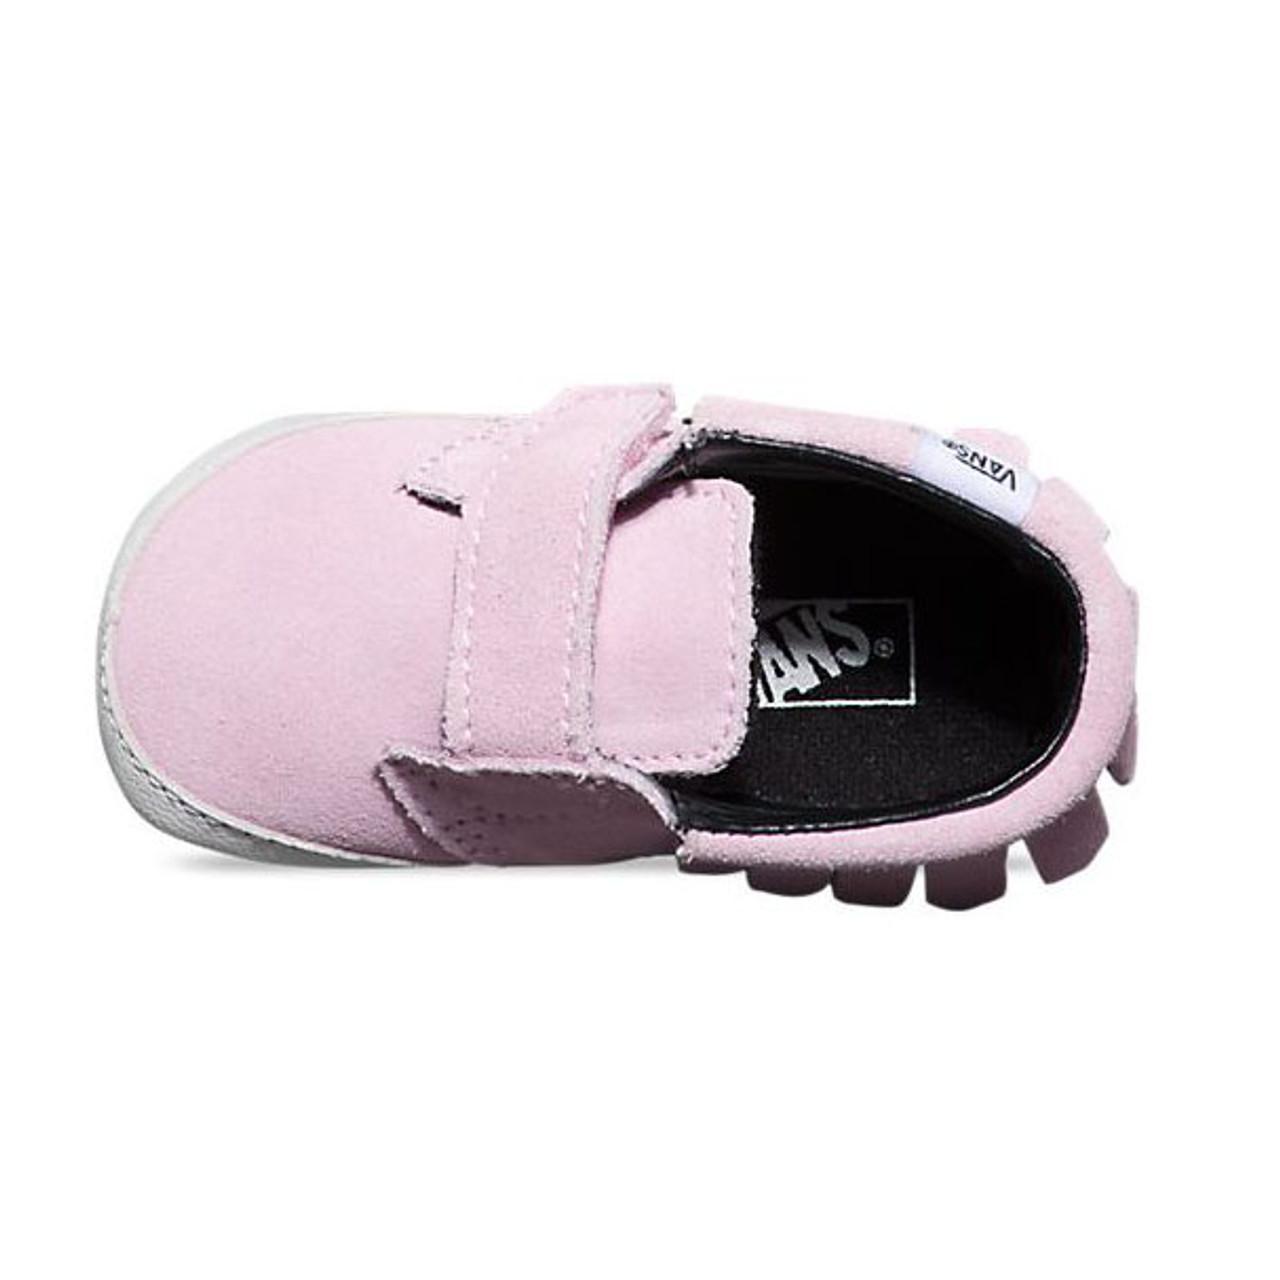 ... Infant Suede Chukka V Moc Mist Shoes